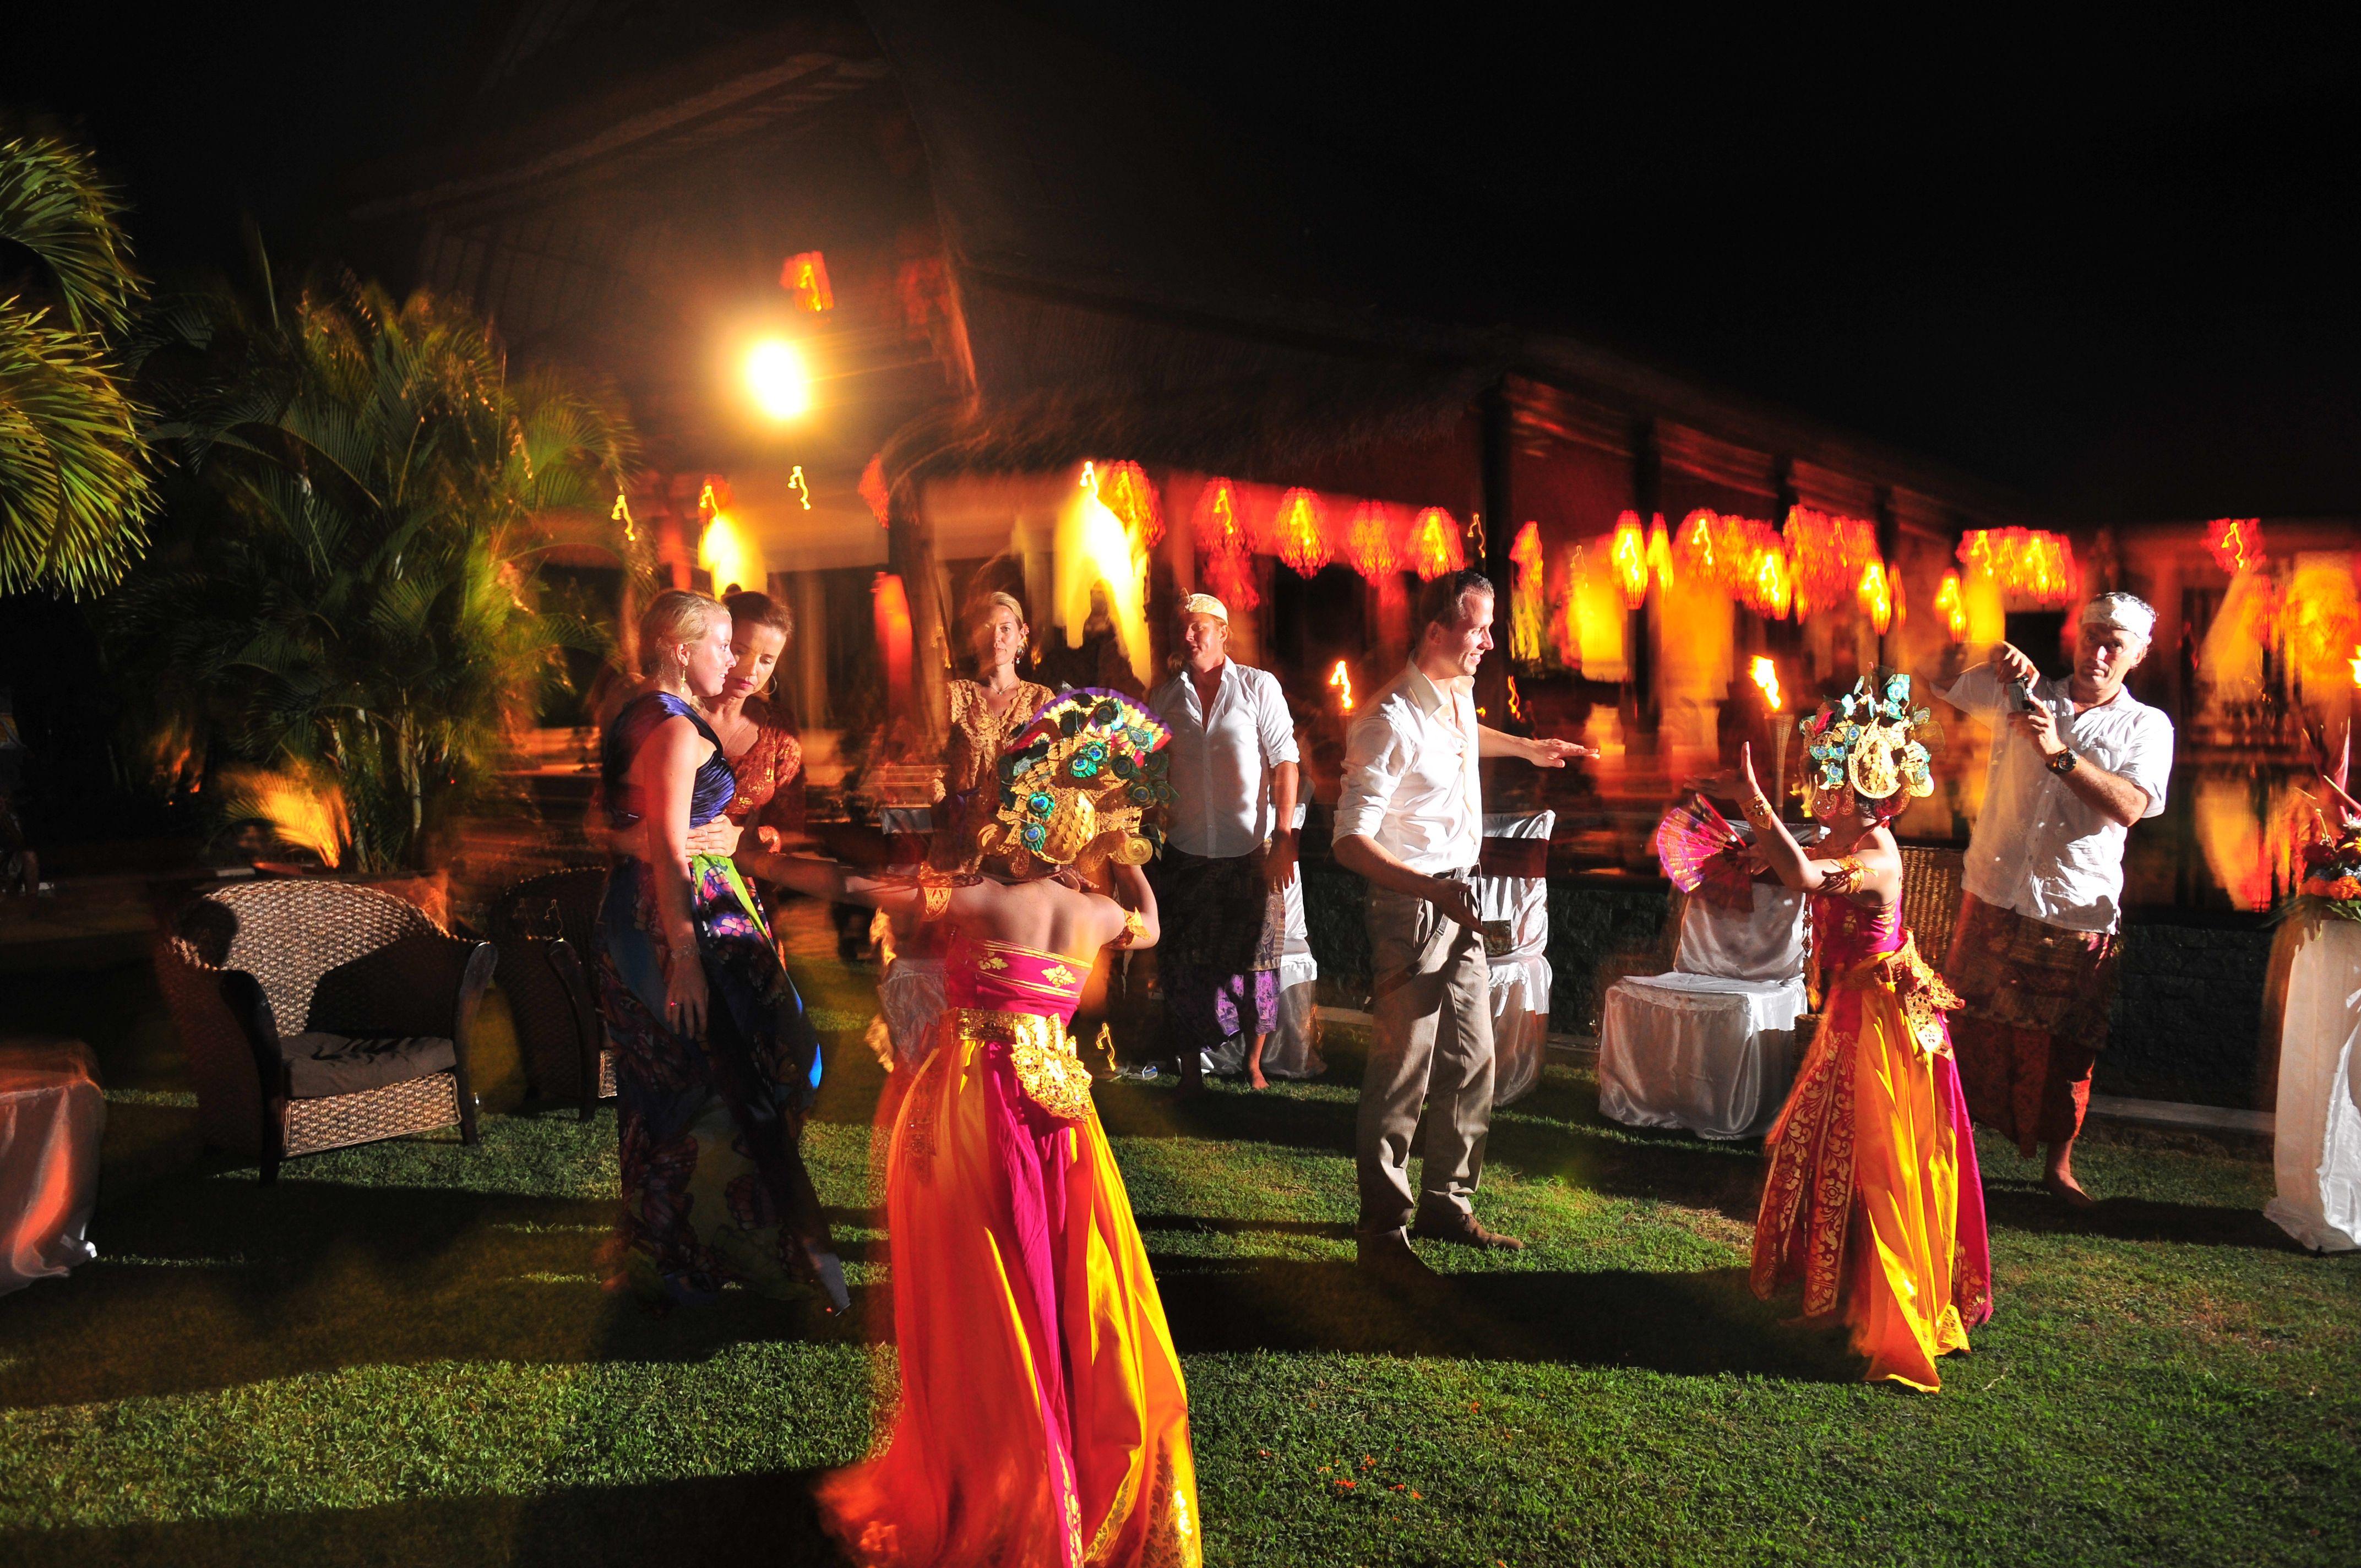 Trouwerij bij www.villabuddha.com  Bali  U huurt onze villa en wij verzorgen uw bruiloft tegen kostprijs op Bali  moniquekruyssen@zonnet.nl  0031(0)644538529 € 1495,- per week inclusief personeel.  trouwerij van onze gasten